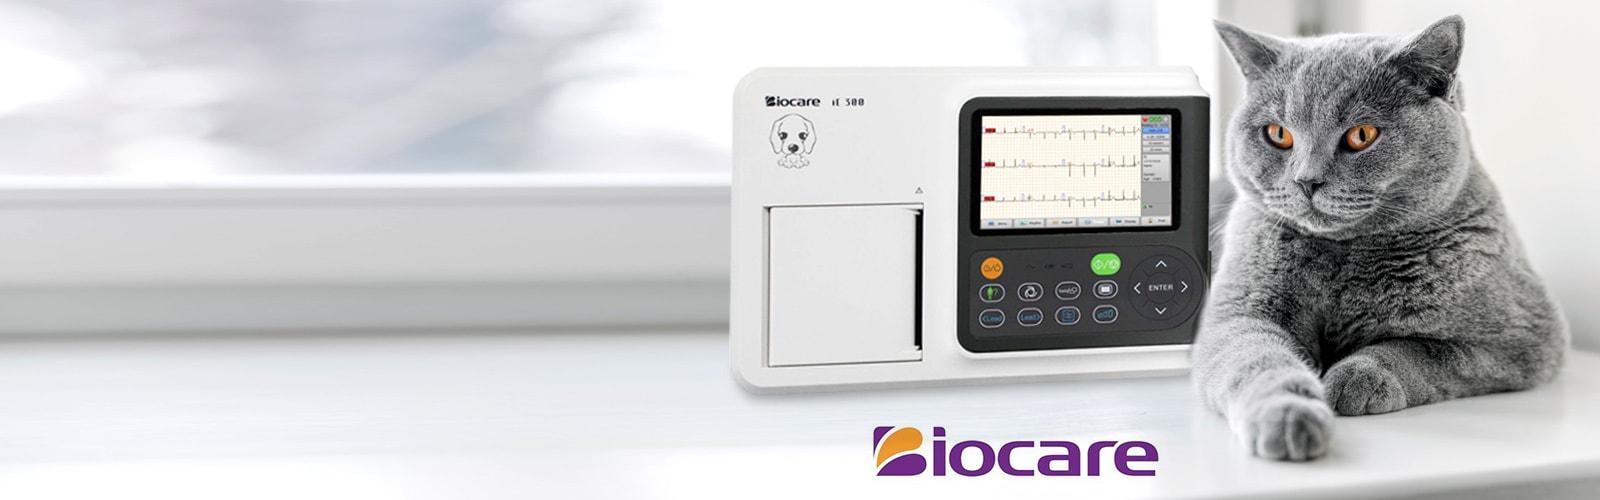 Biocare iE 300 veterinair ECG-apparaat